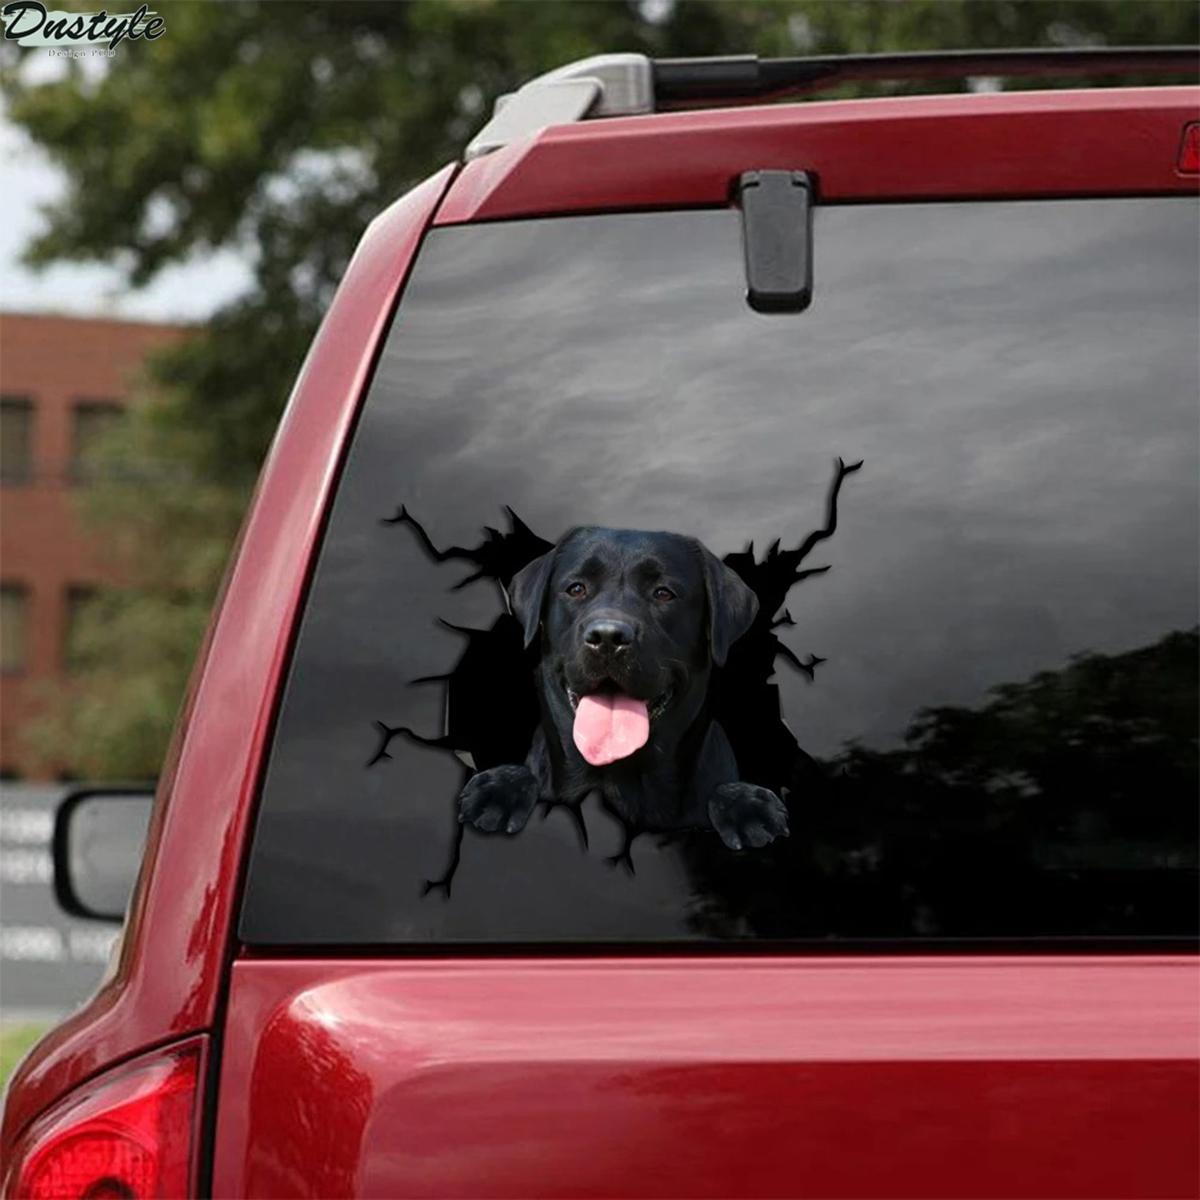 Black labrador crack car decal sticker 1